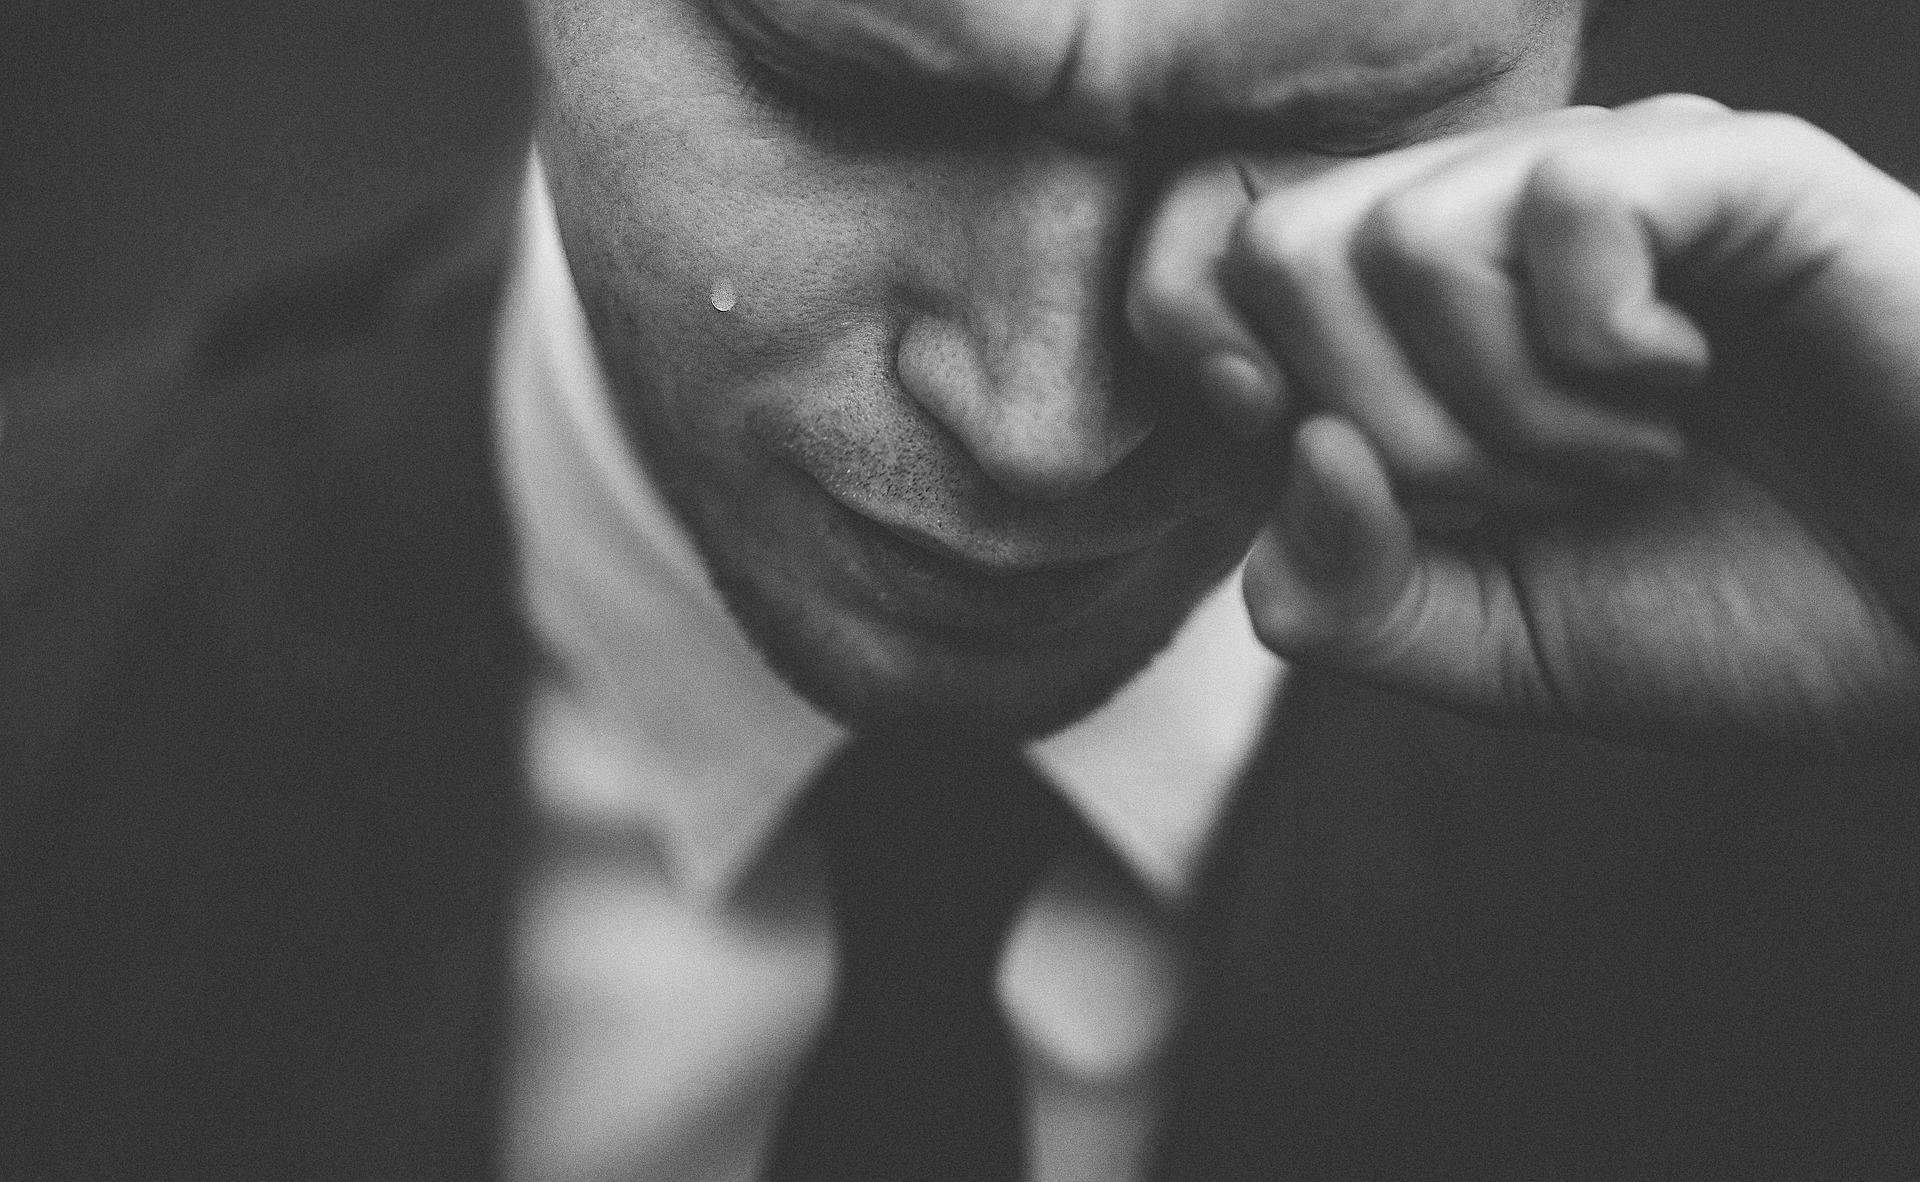 Hechizo para que llore y sufra por ti